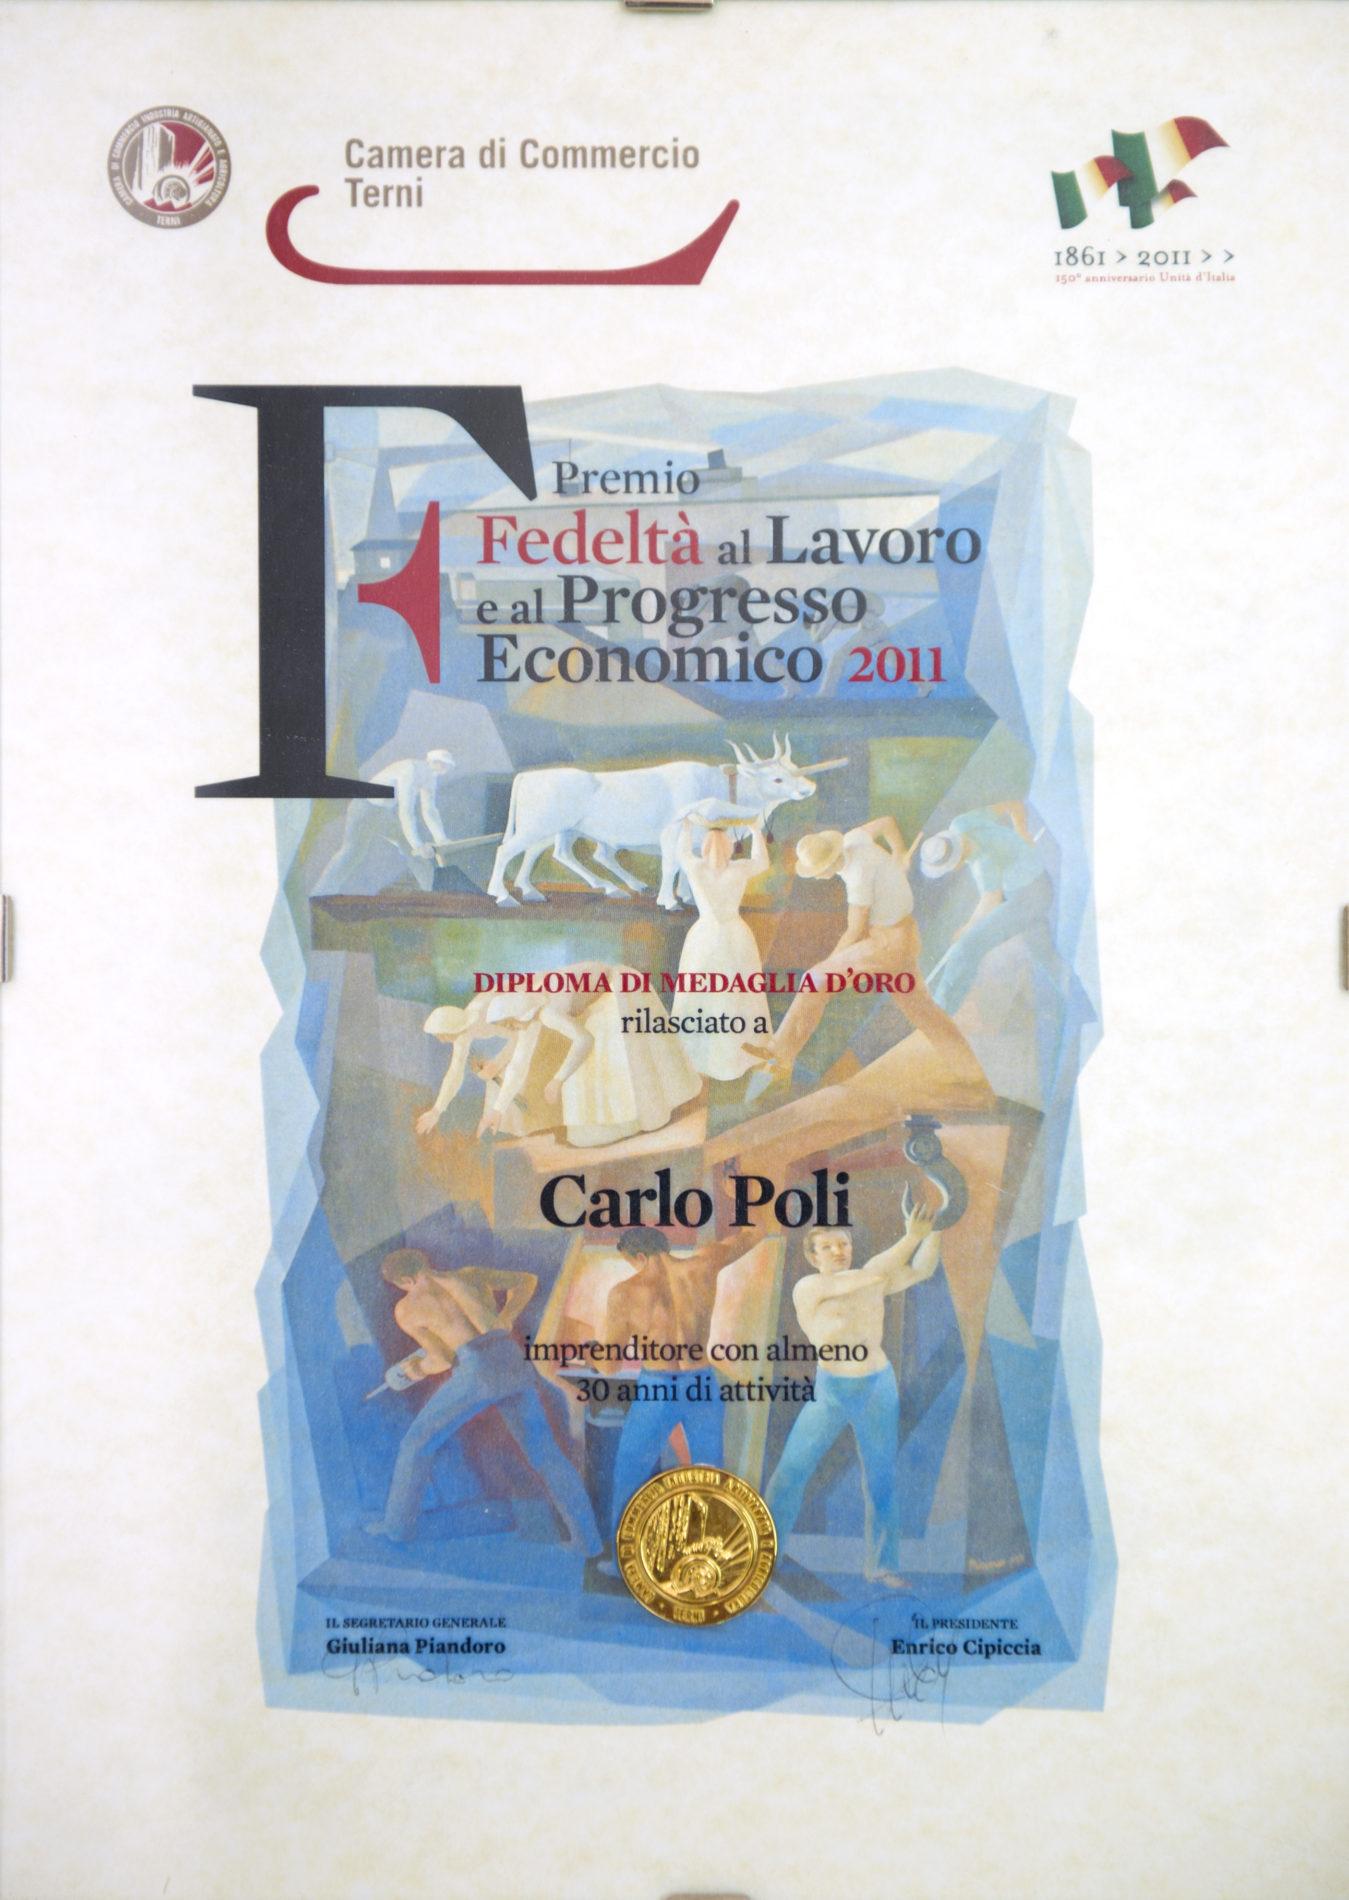 Premio fedeltà al lavoro e al progresso economico 2011